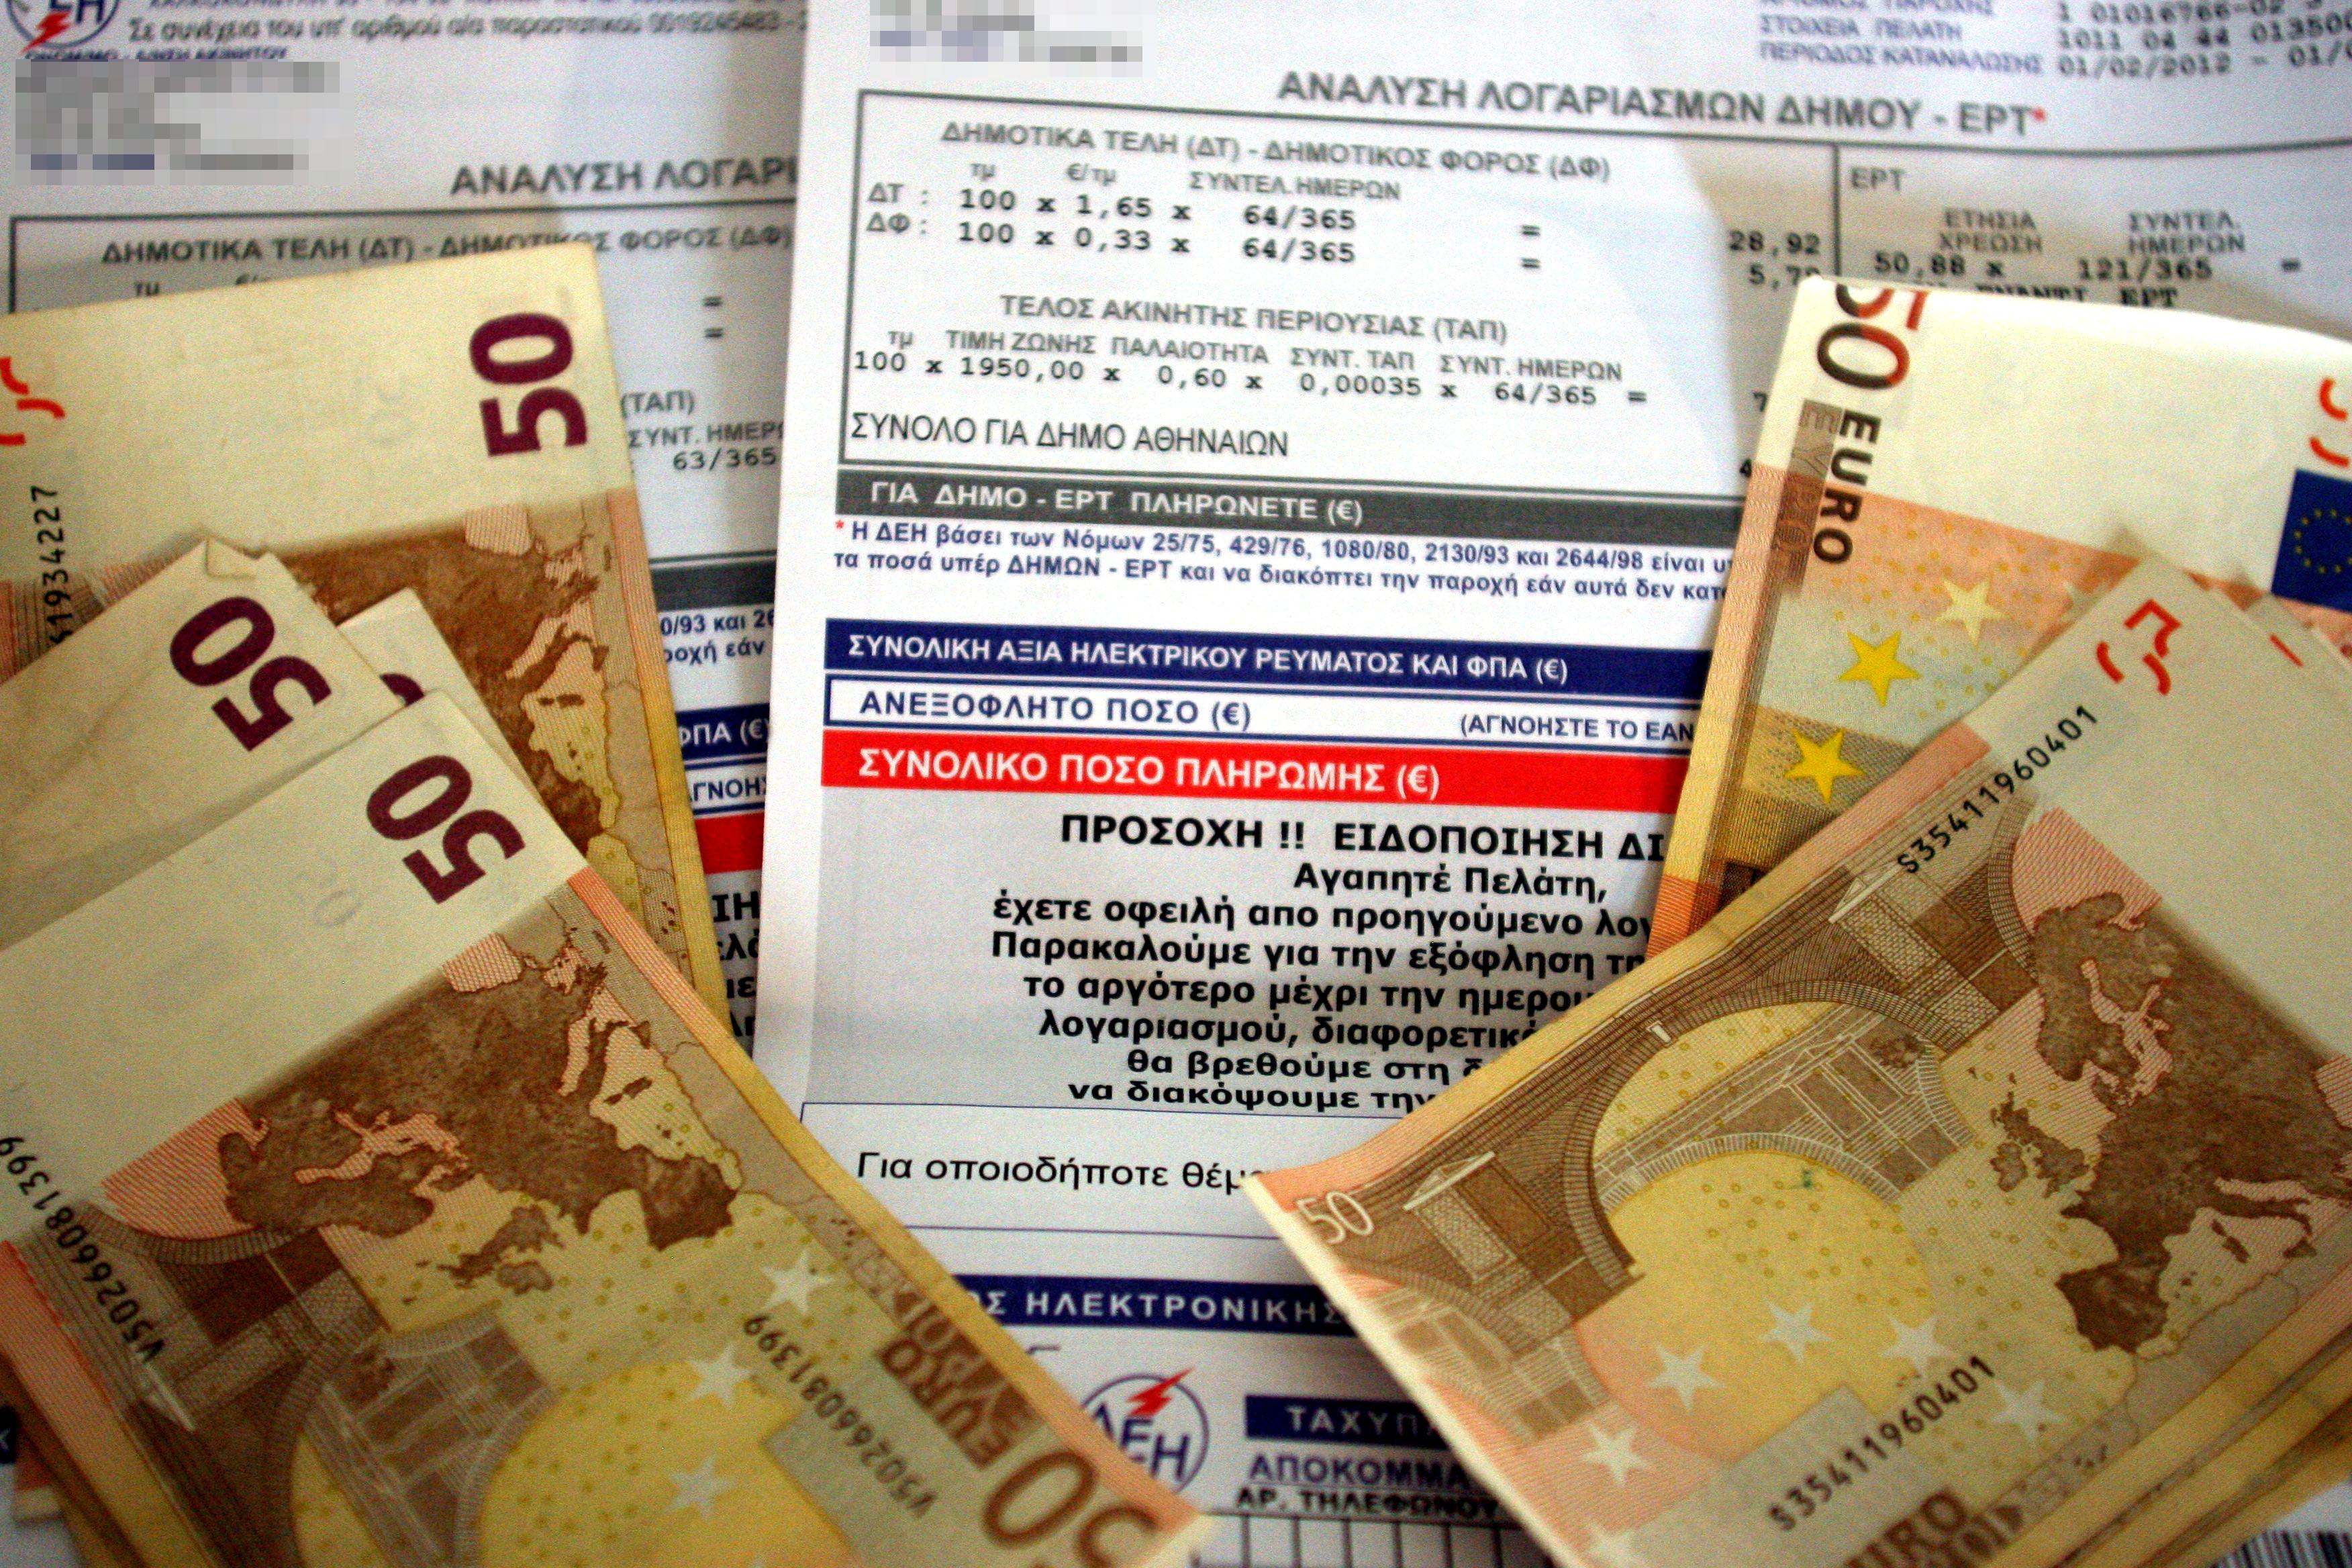 Αυξήσεις στο ρεύμα: Η Κομισιόν προαναγγέλλει μέτρα για ανακούφιση νοικοκυριών και επιχειρήσεων